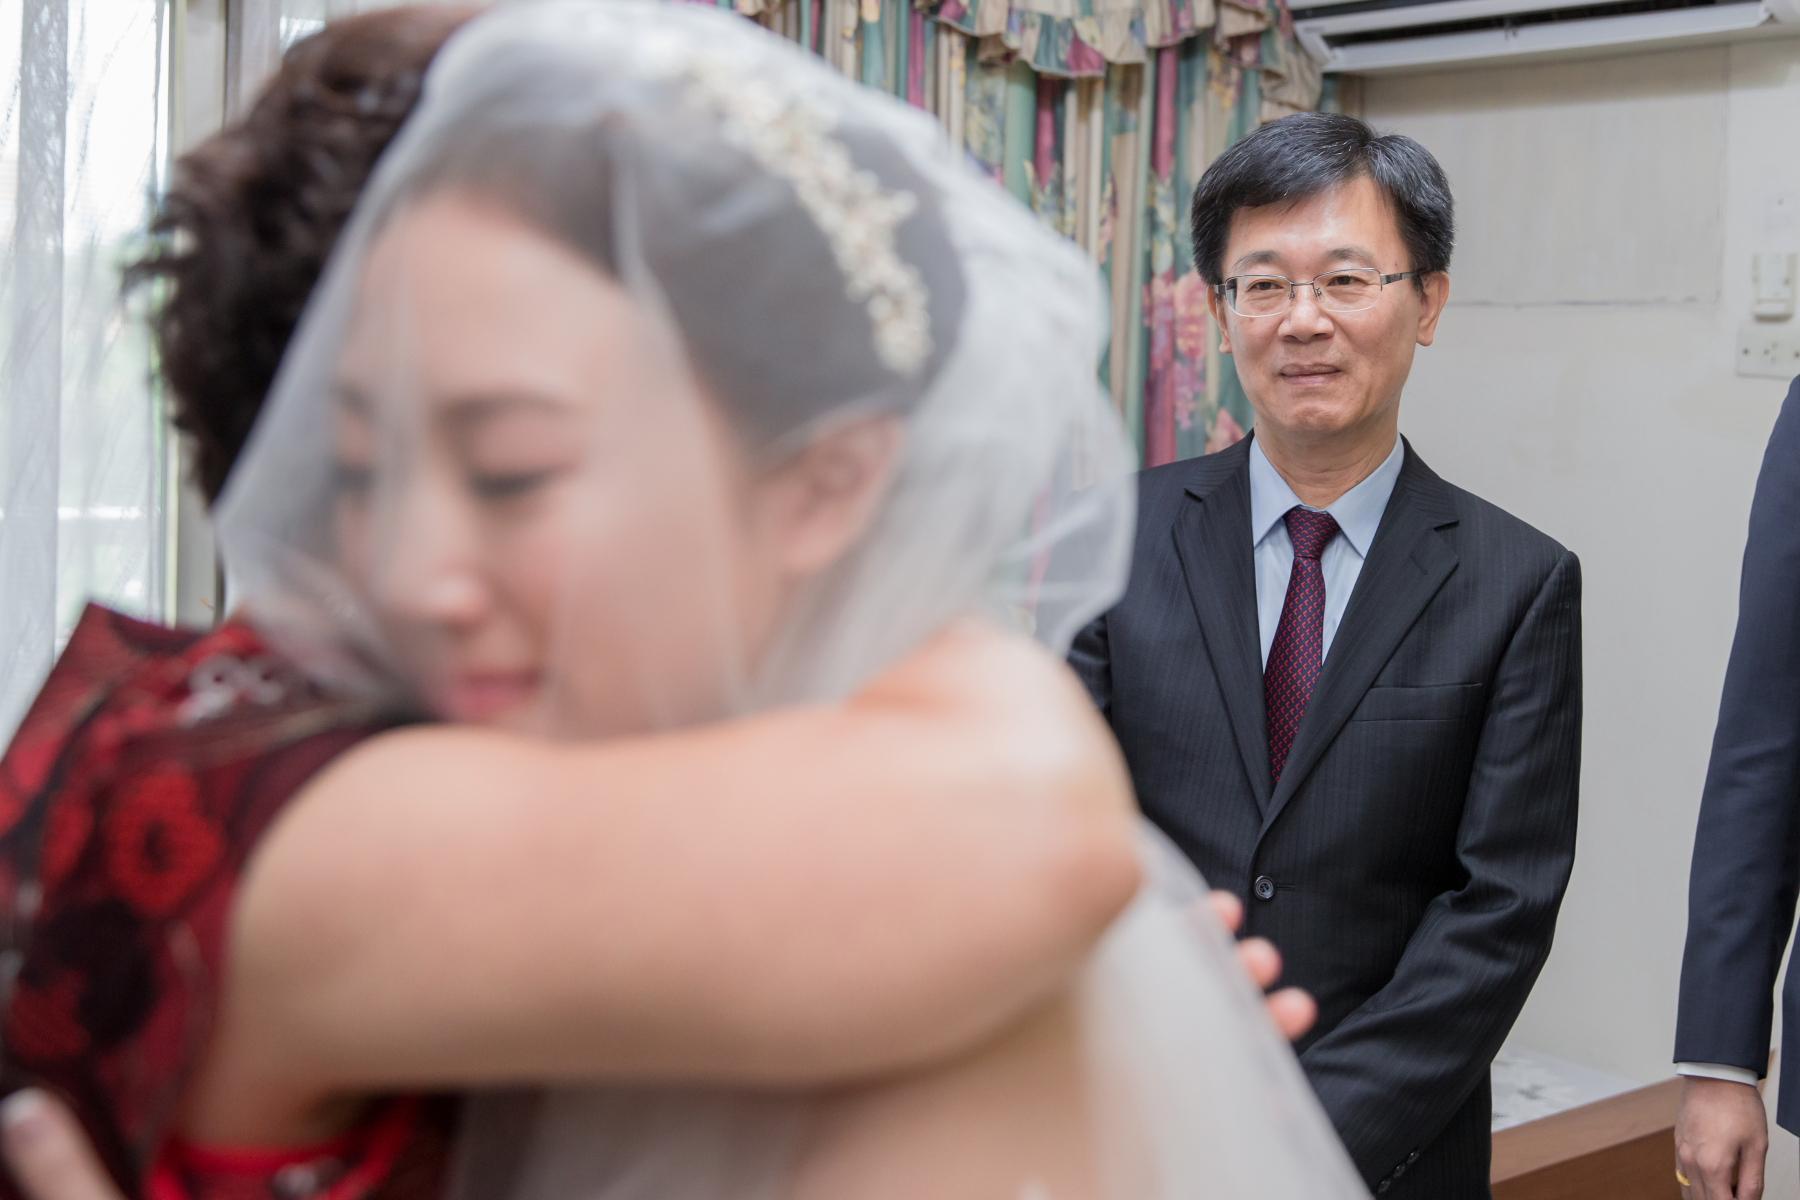 鴻璿鈺婷婚禮346